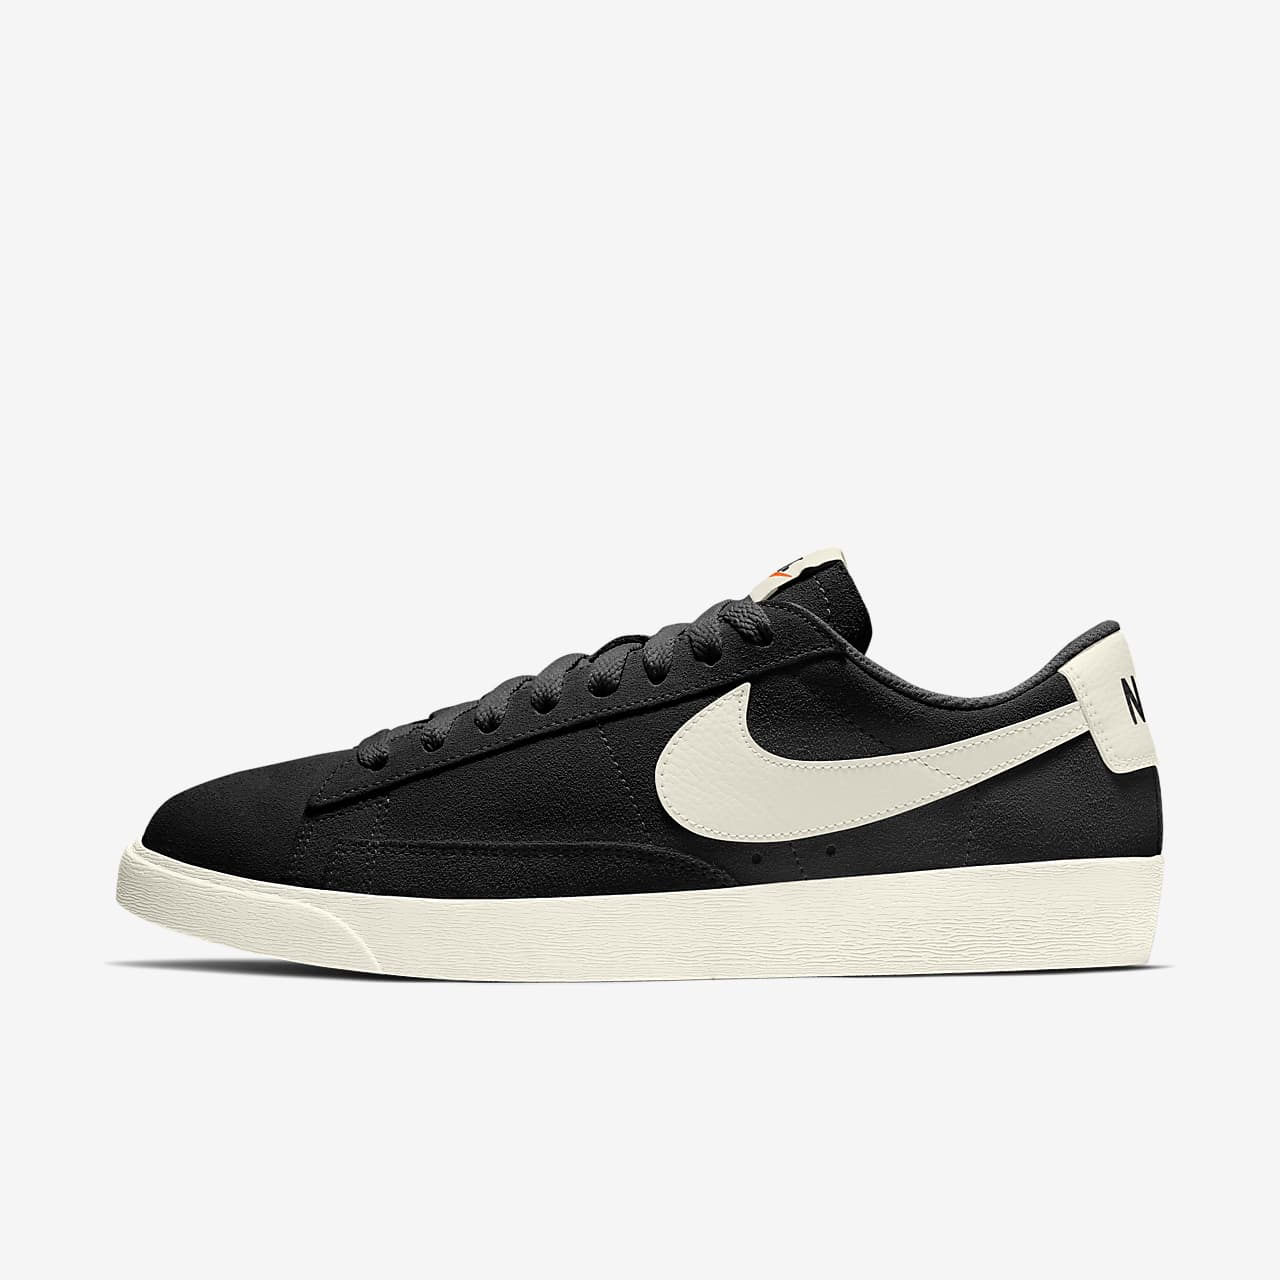 info for 419d4 d69a0 ... Buty damskie Nike Blazer Low Suede